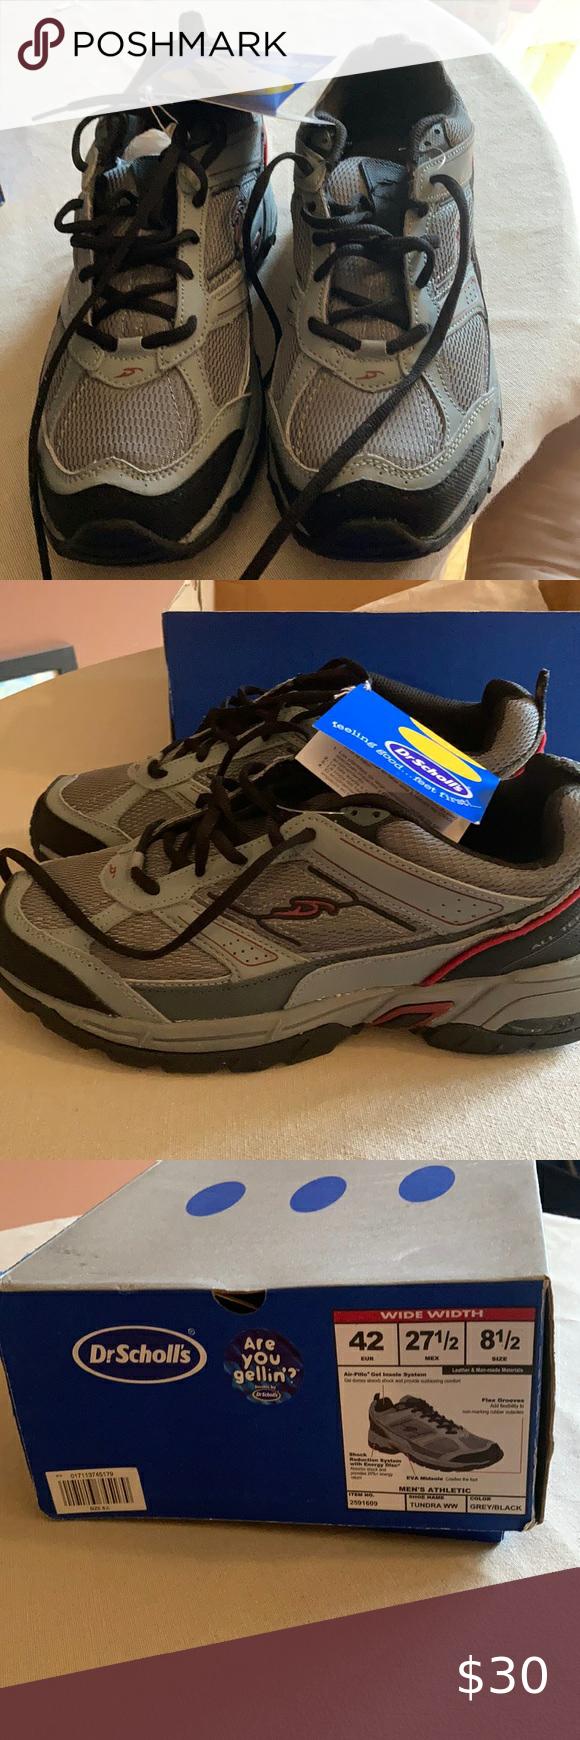 NWT Dr. Scholls men's athletic shoes